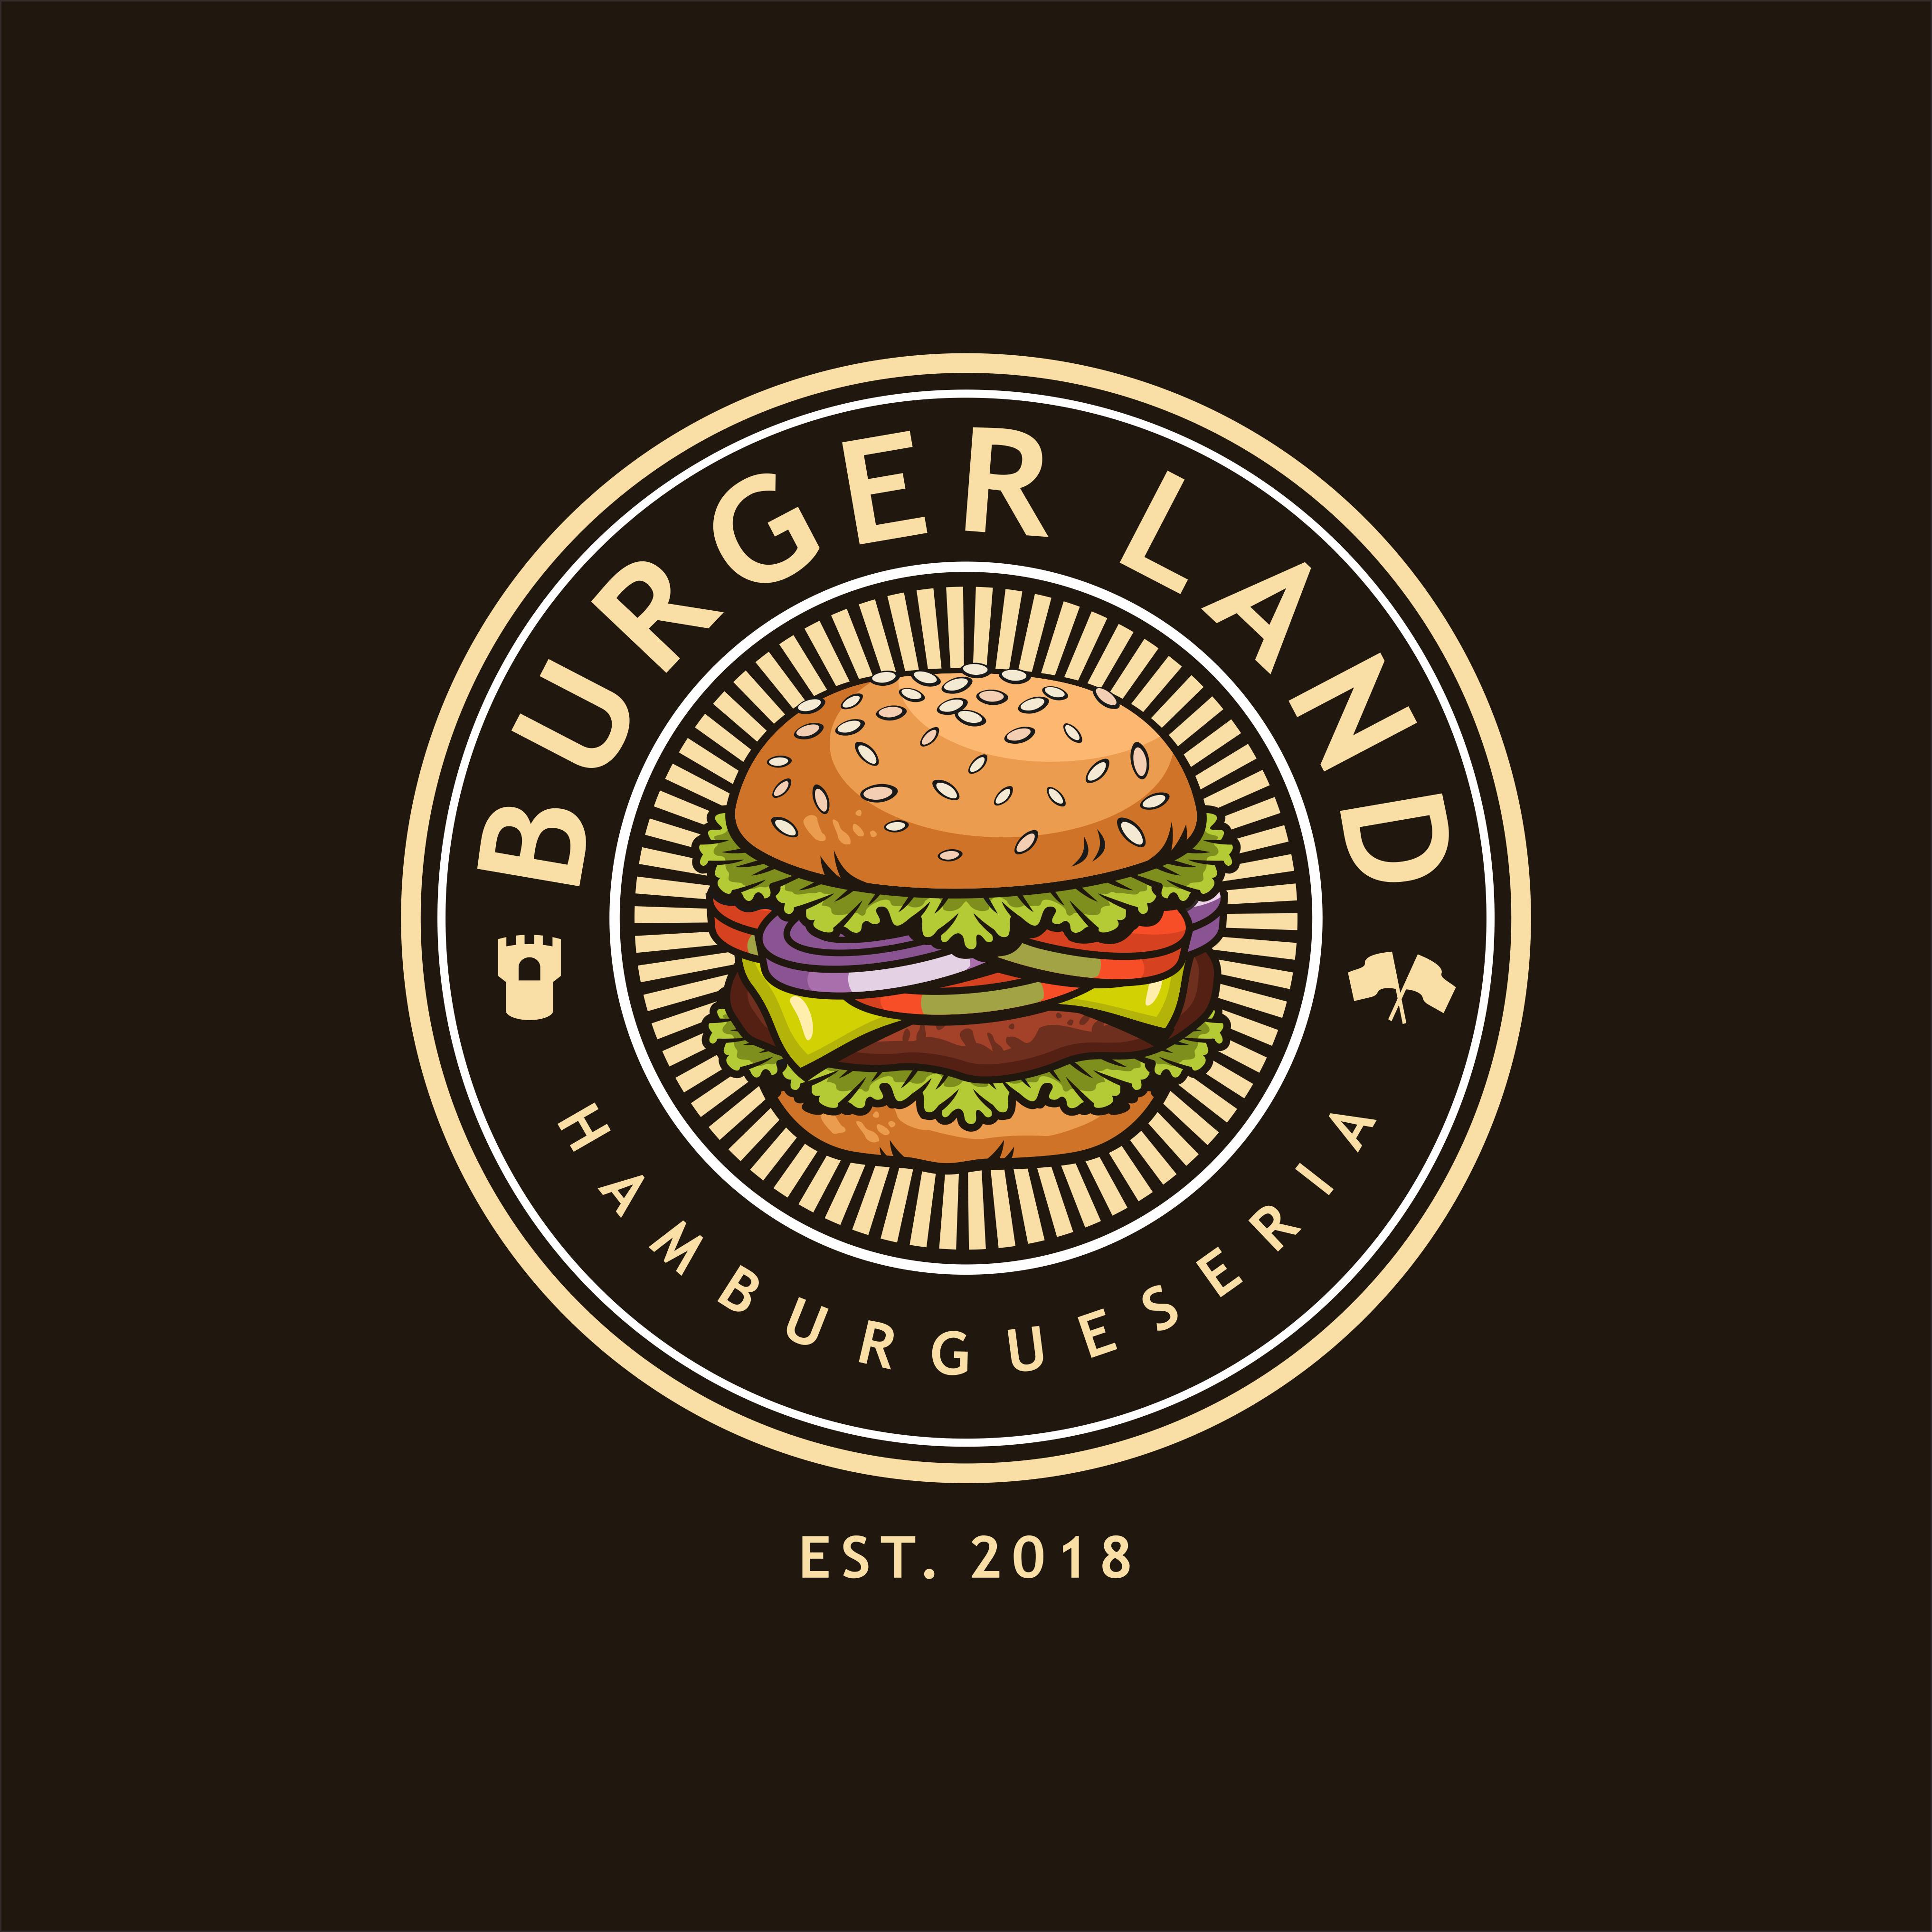 Diseña y crea el logo para Burger Land - hamburguesería hipster chic